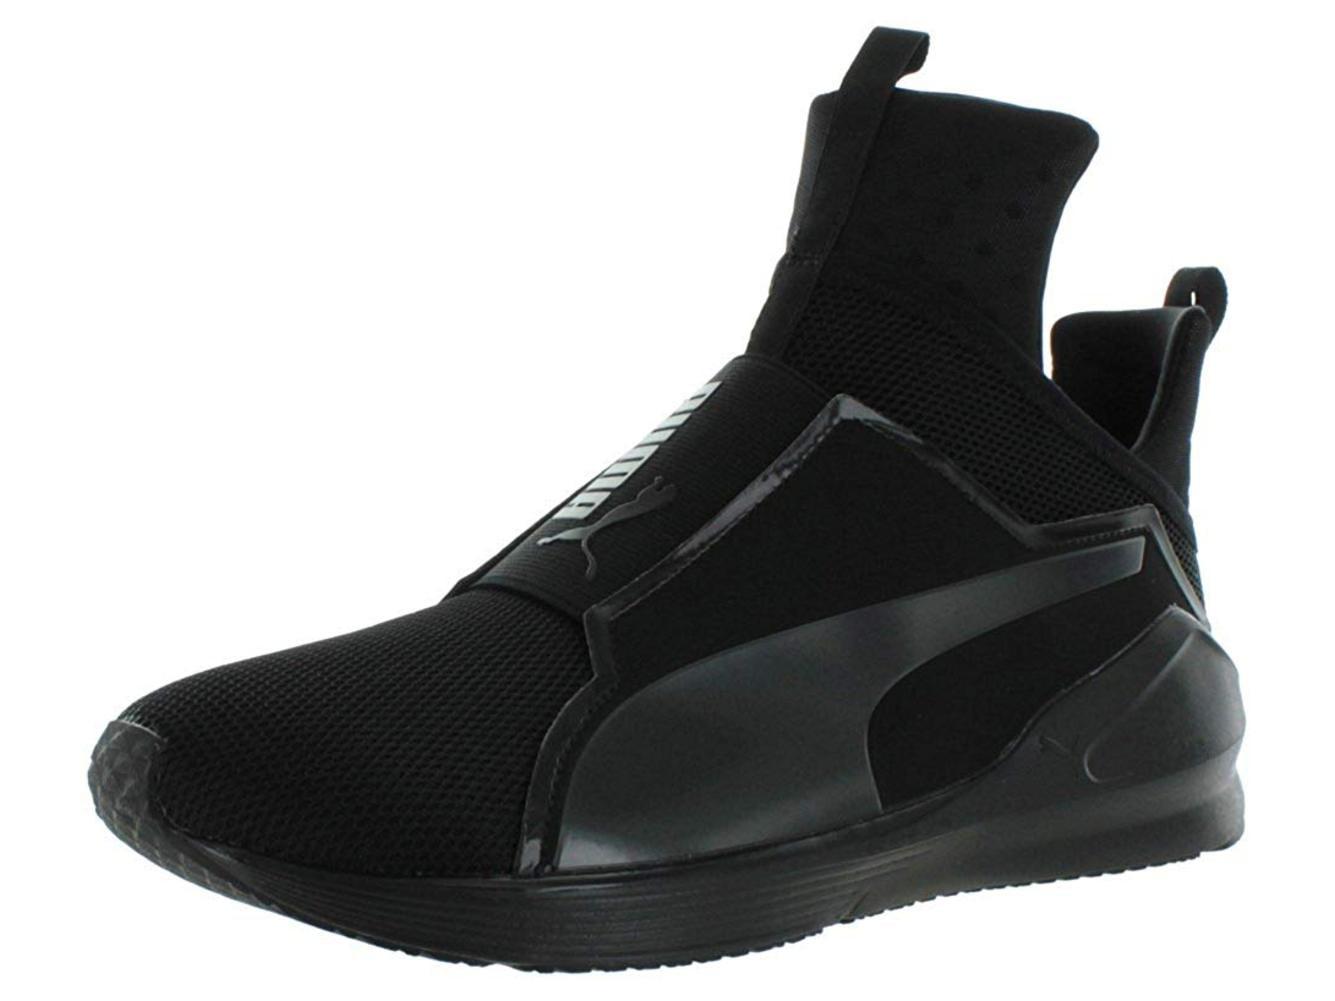 PUMA Fierce Core Mono Men/'s Fashion Training High Top Sneakers Shoes